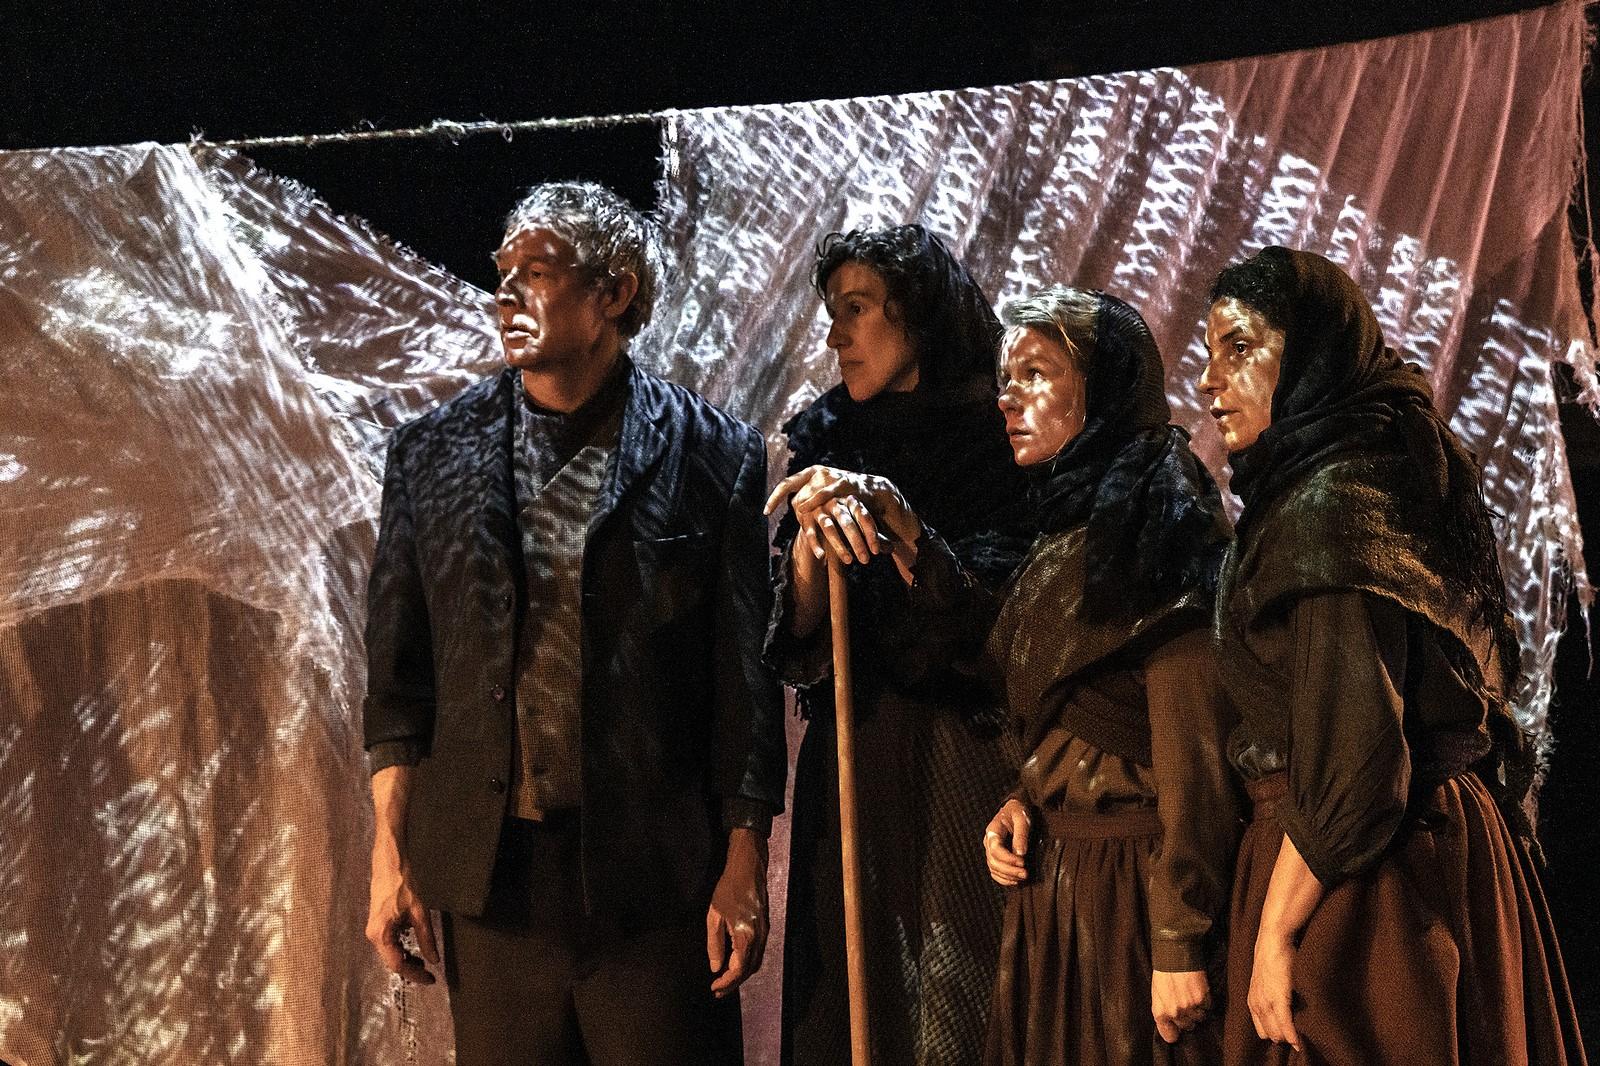 Anmeldelse: Salt, Aalborg Teater (Det Olske Teater)